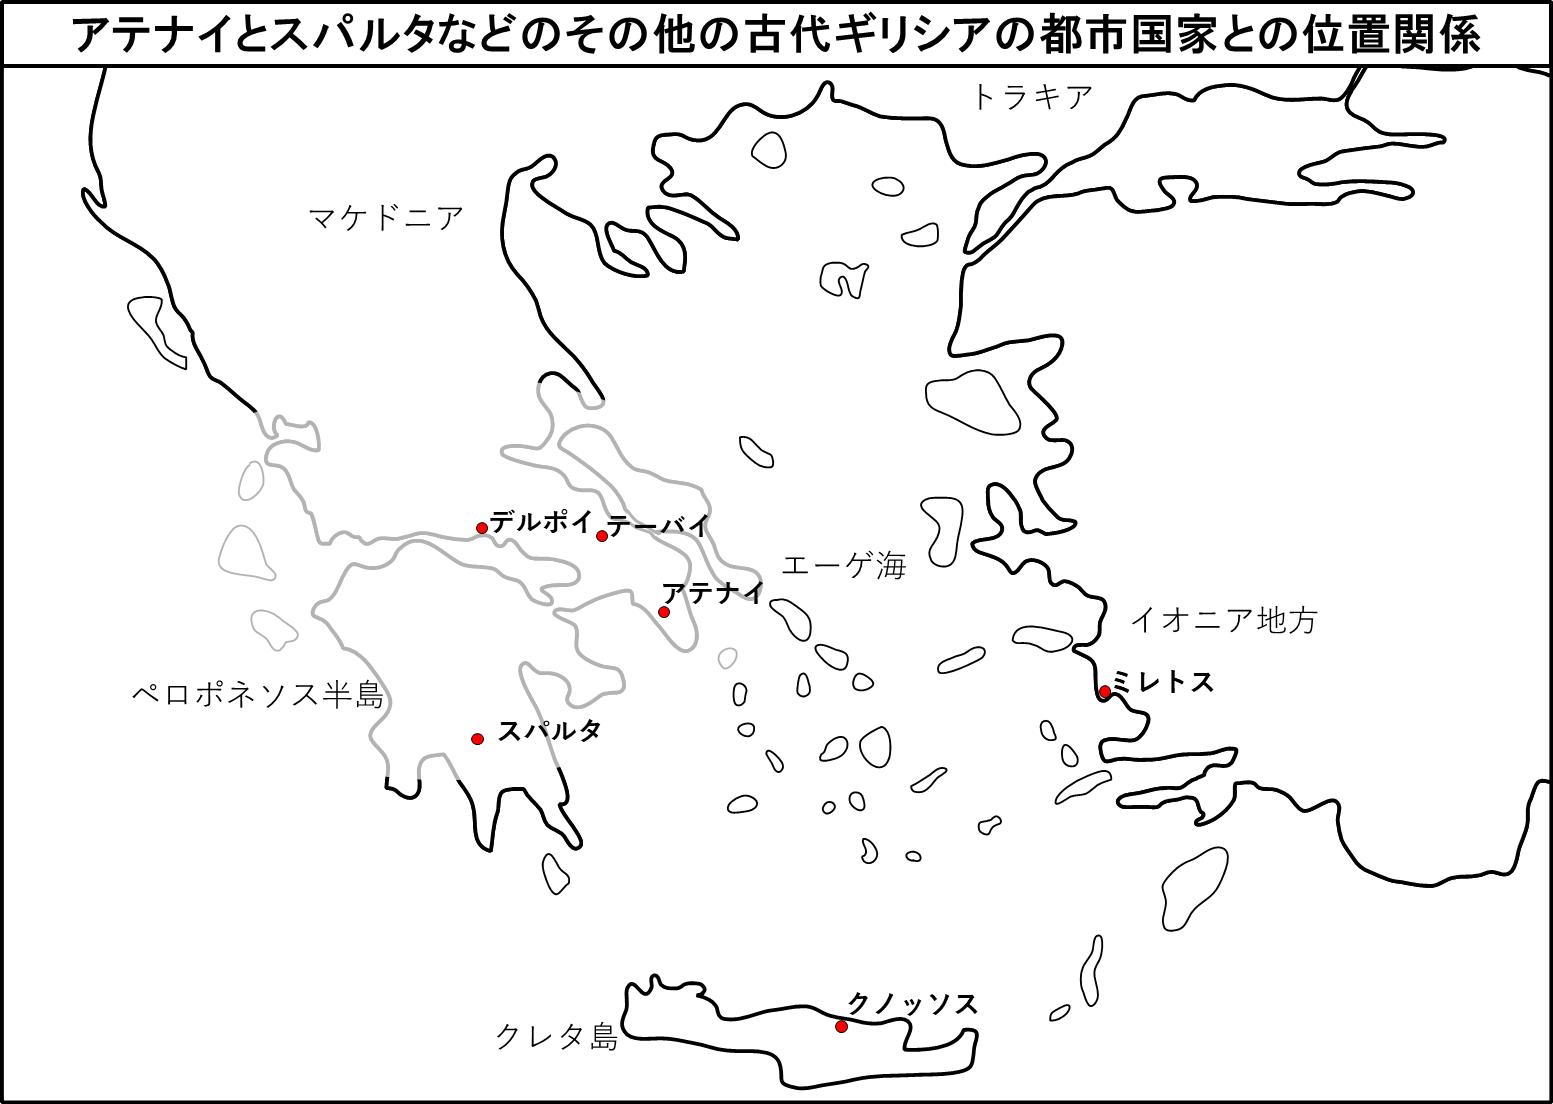 アテナイとスパルタなどのその他の古代ギリシアの都市国家との位置関係